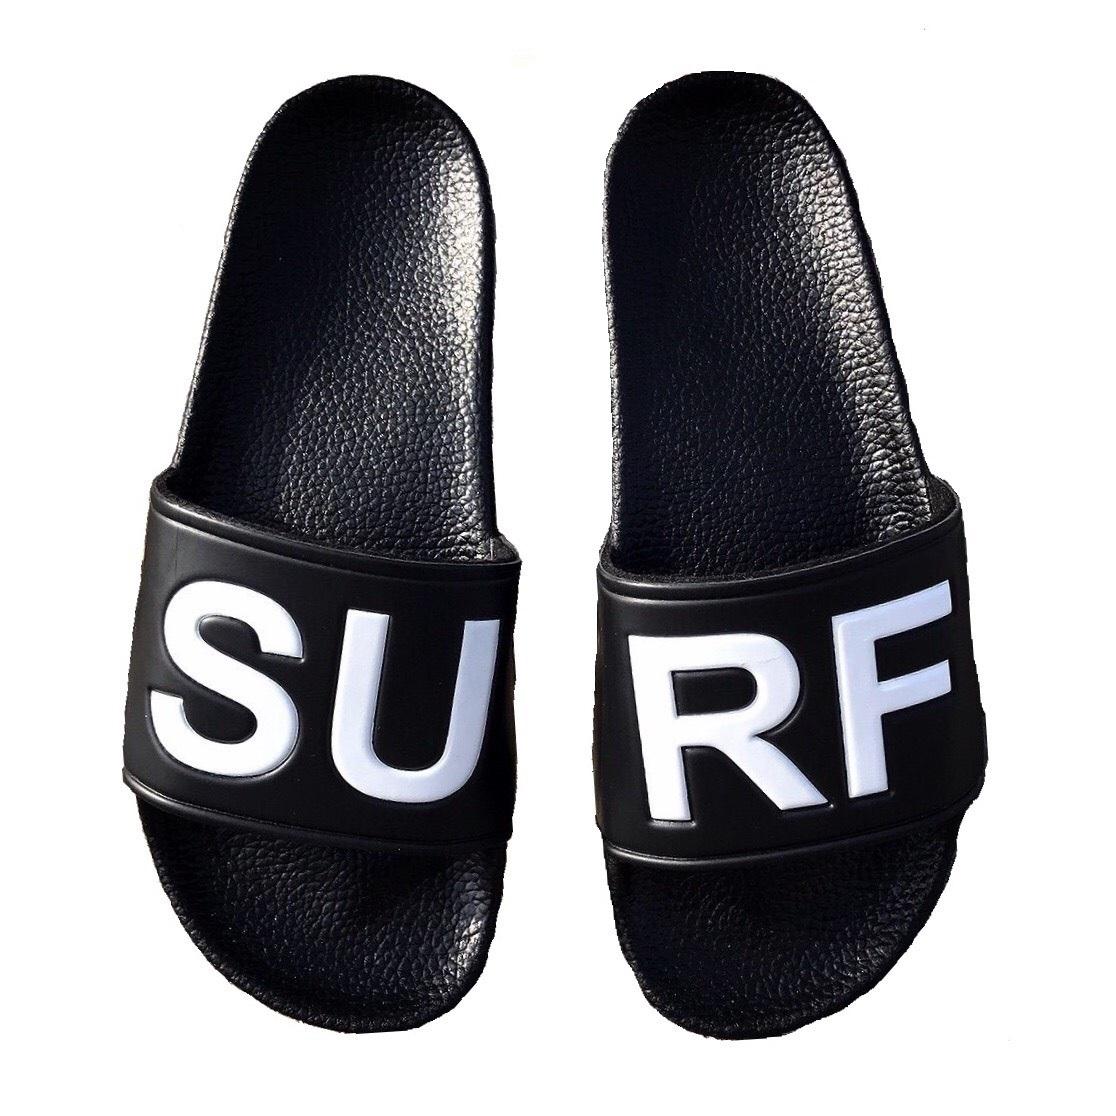 SURF Sandal 【Black】